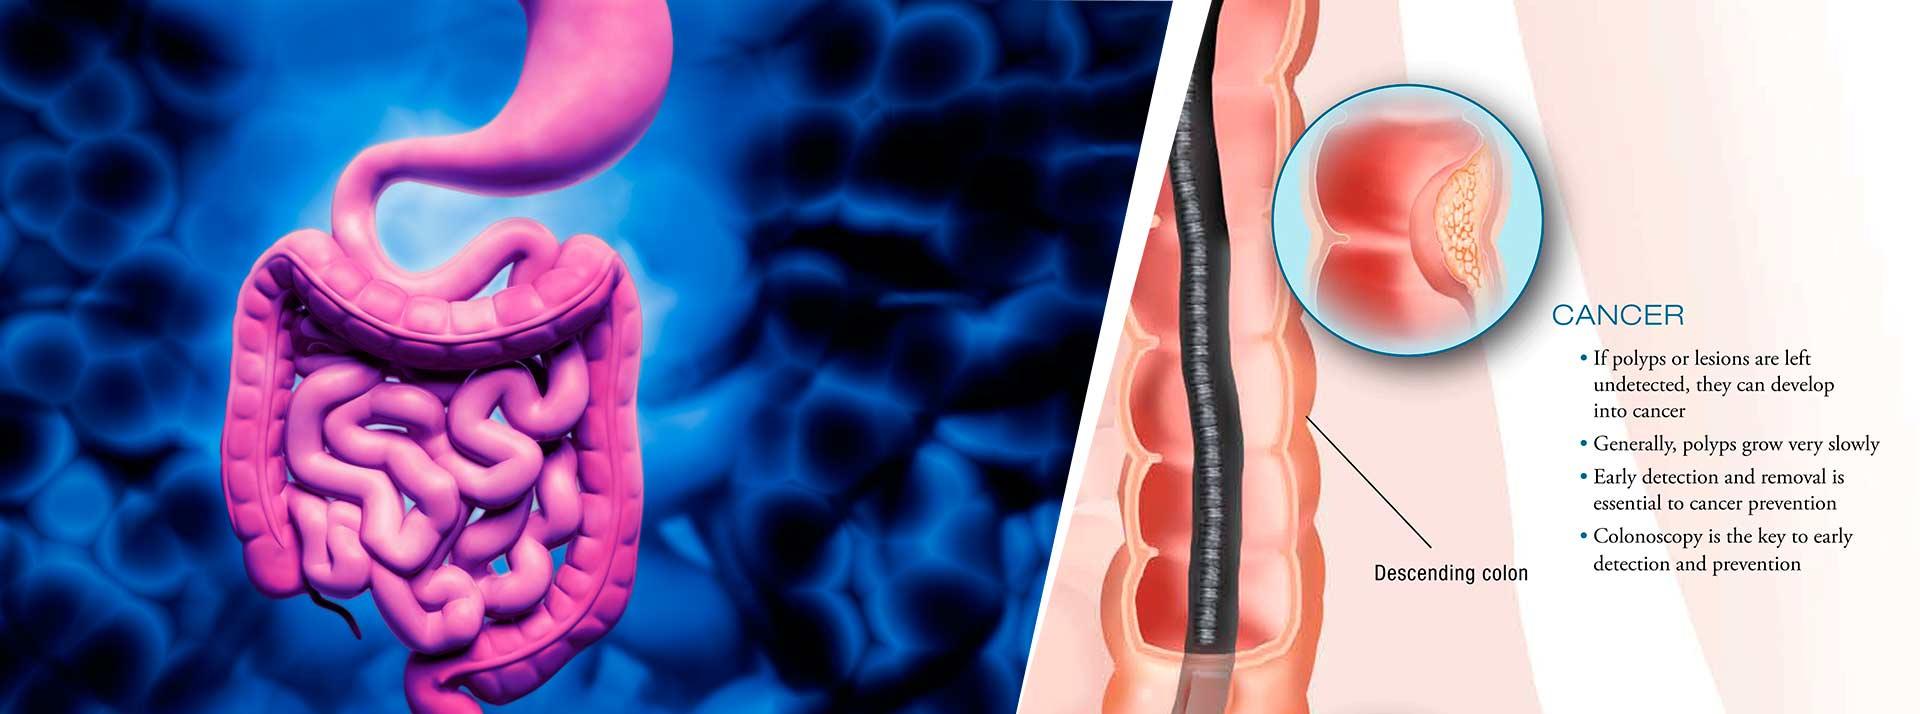 Colorectal Surgery & Care